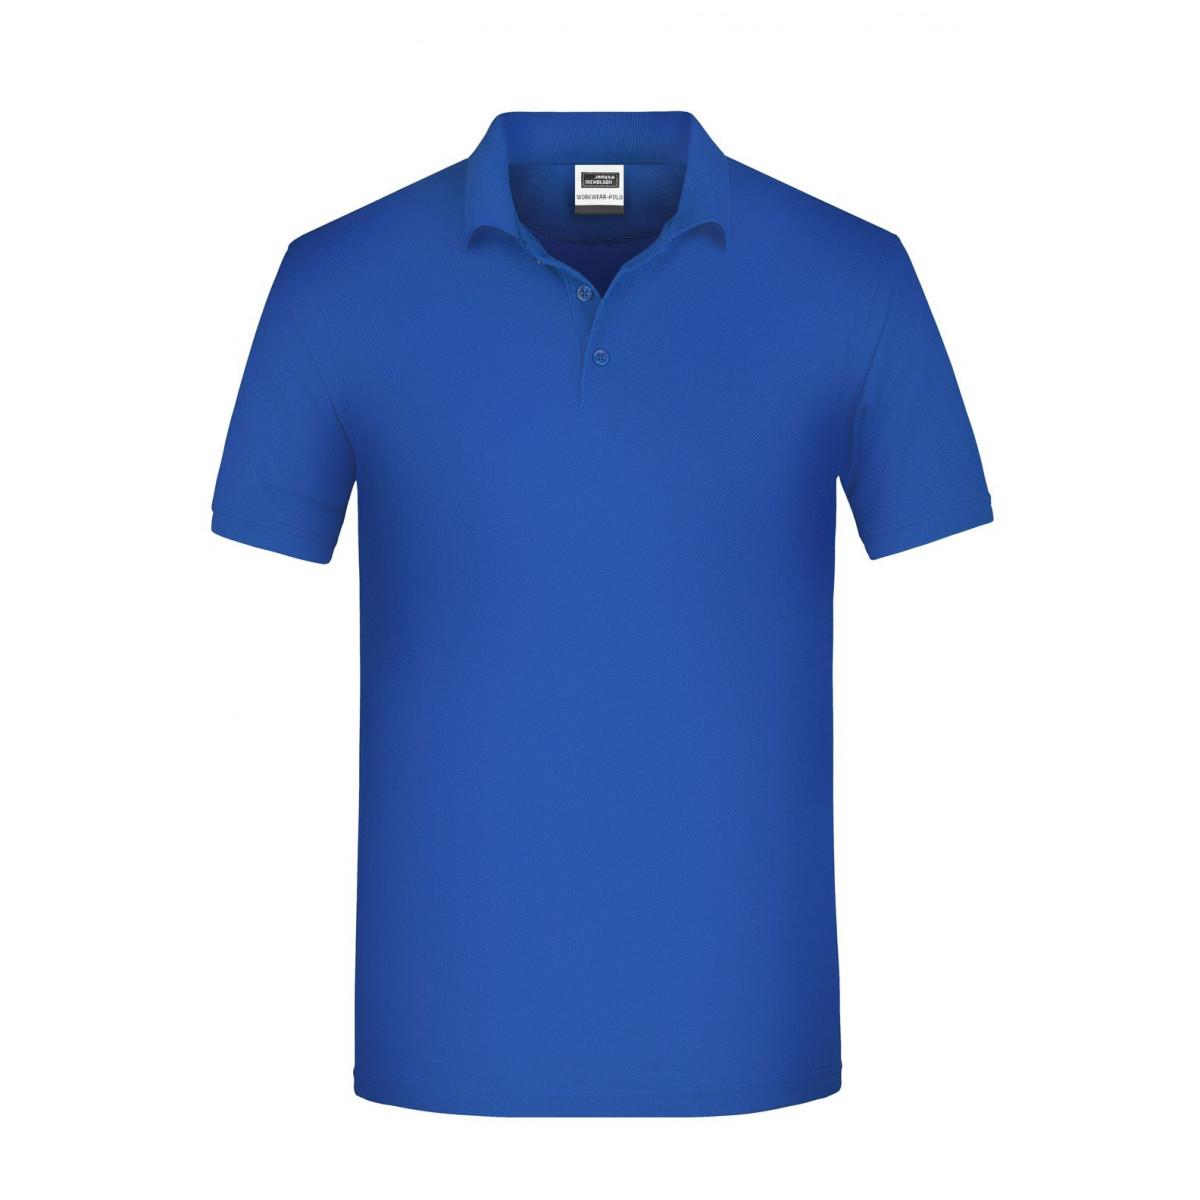 Рубашка поло мужская JN874 Mens BIO Workwear Polo - Ярко-синий